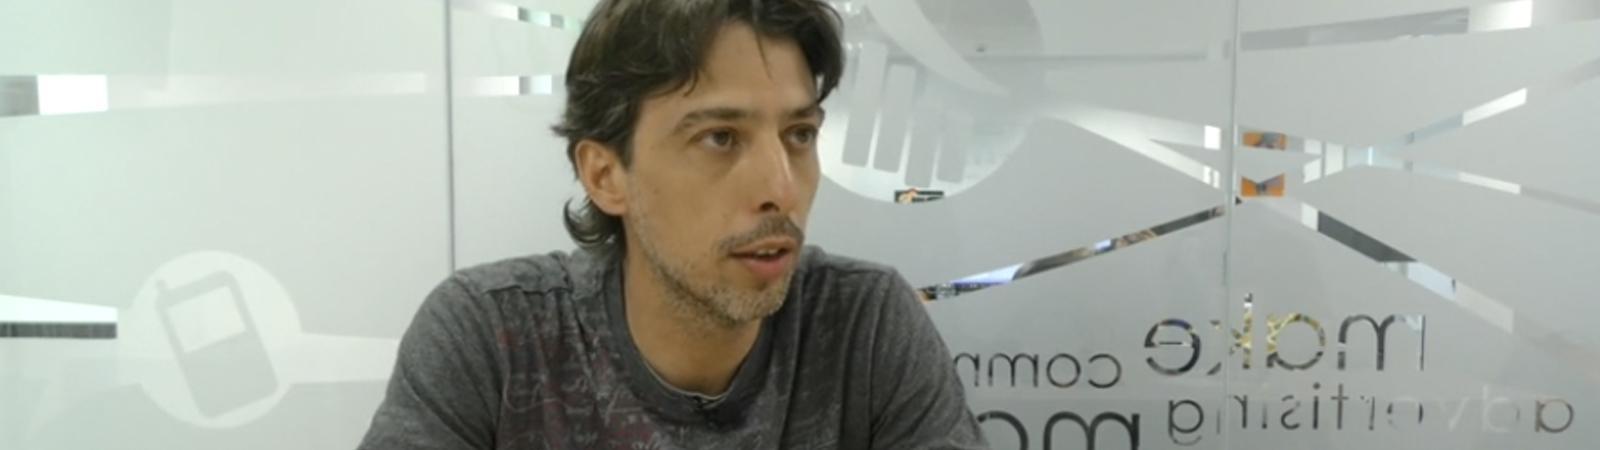 U-tad Diarios de Desarrollo entrevista JM García Franco